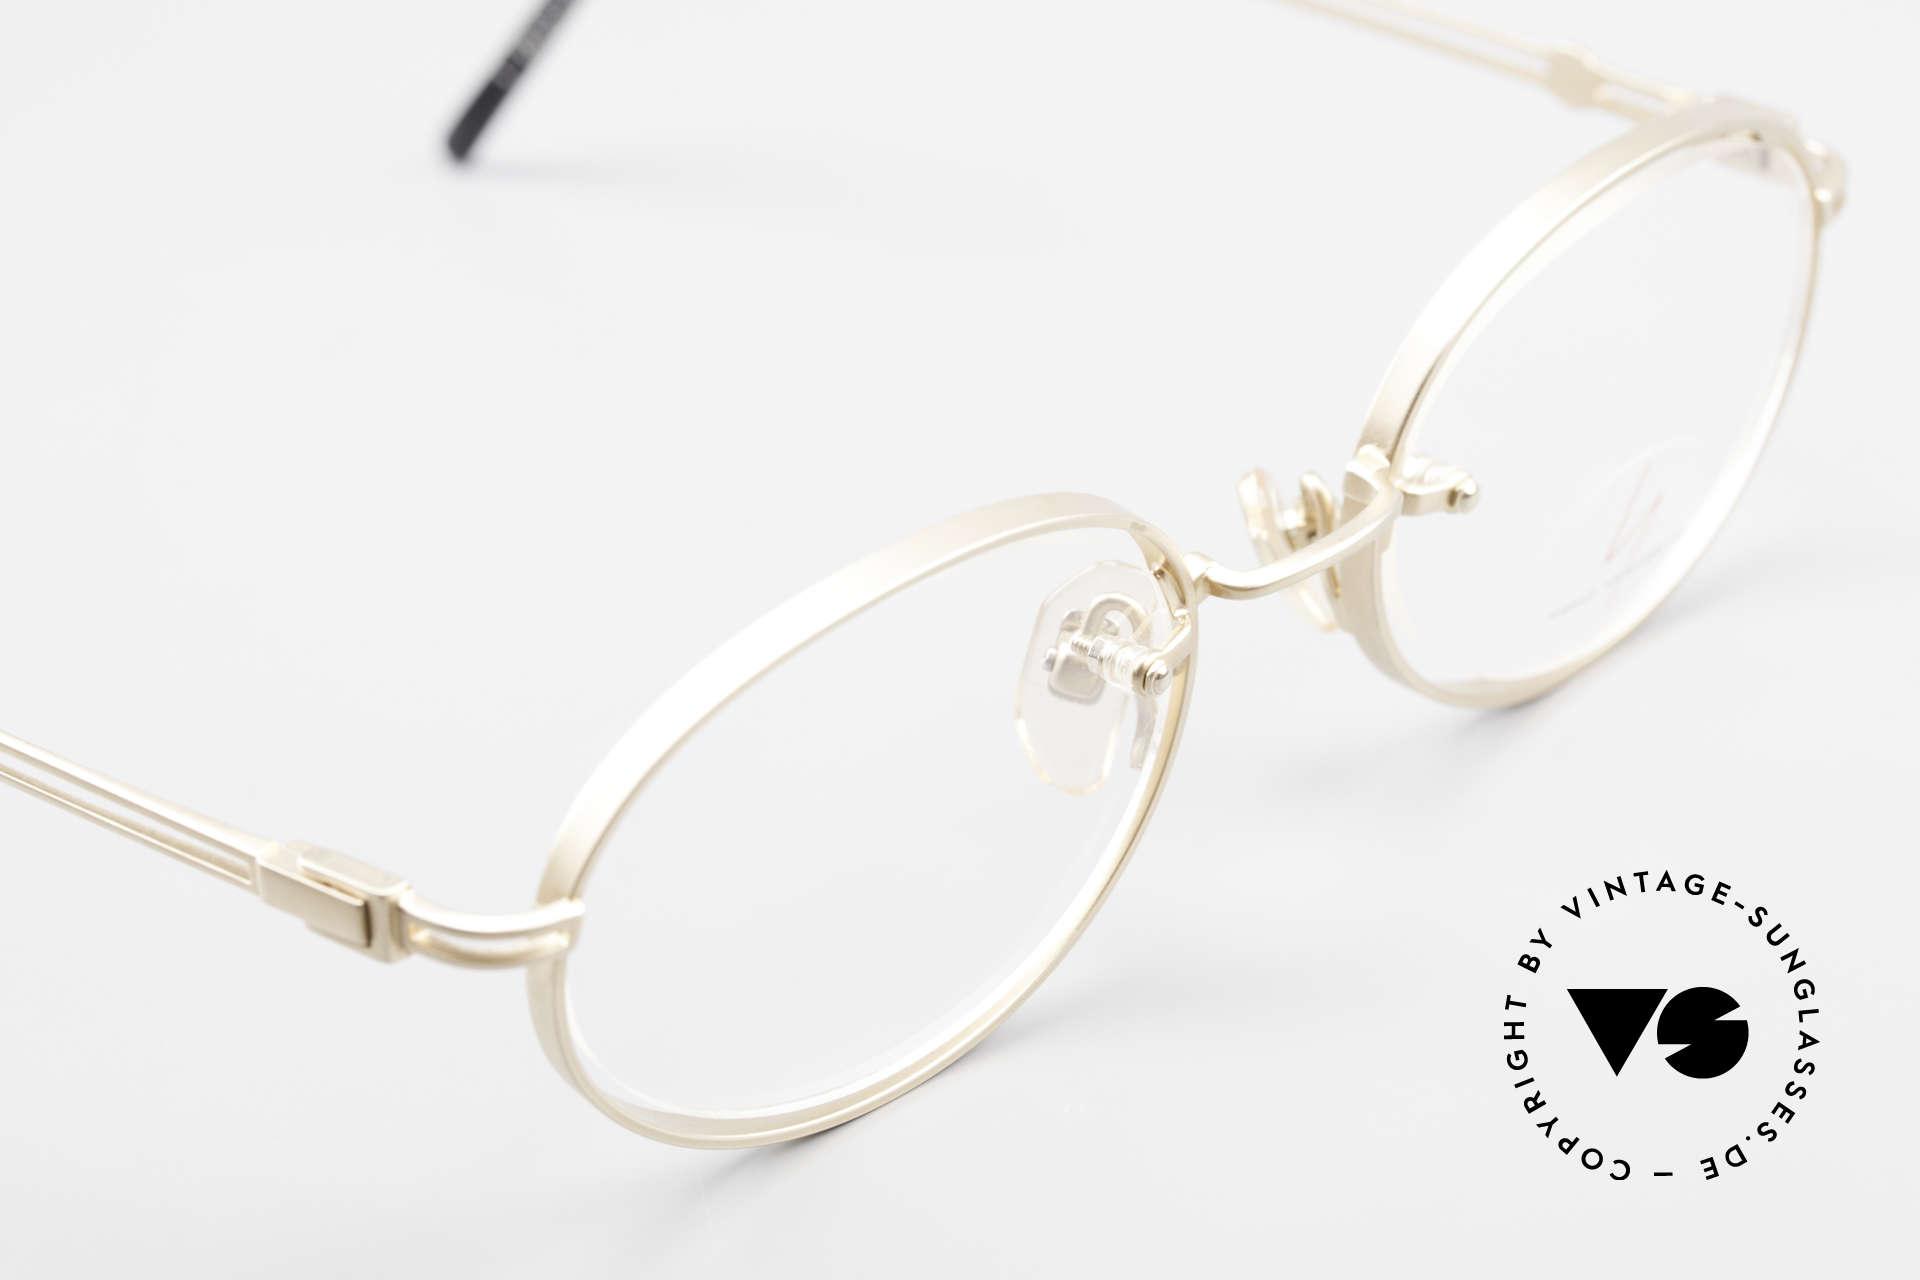 Yohji Yamamoto 51-5107 Designerbrille Oval Vergoldet, KEINE Retromode; sondern ein Yamamoto 90er Original, Passend für Herren und Damen